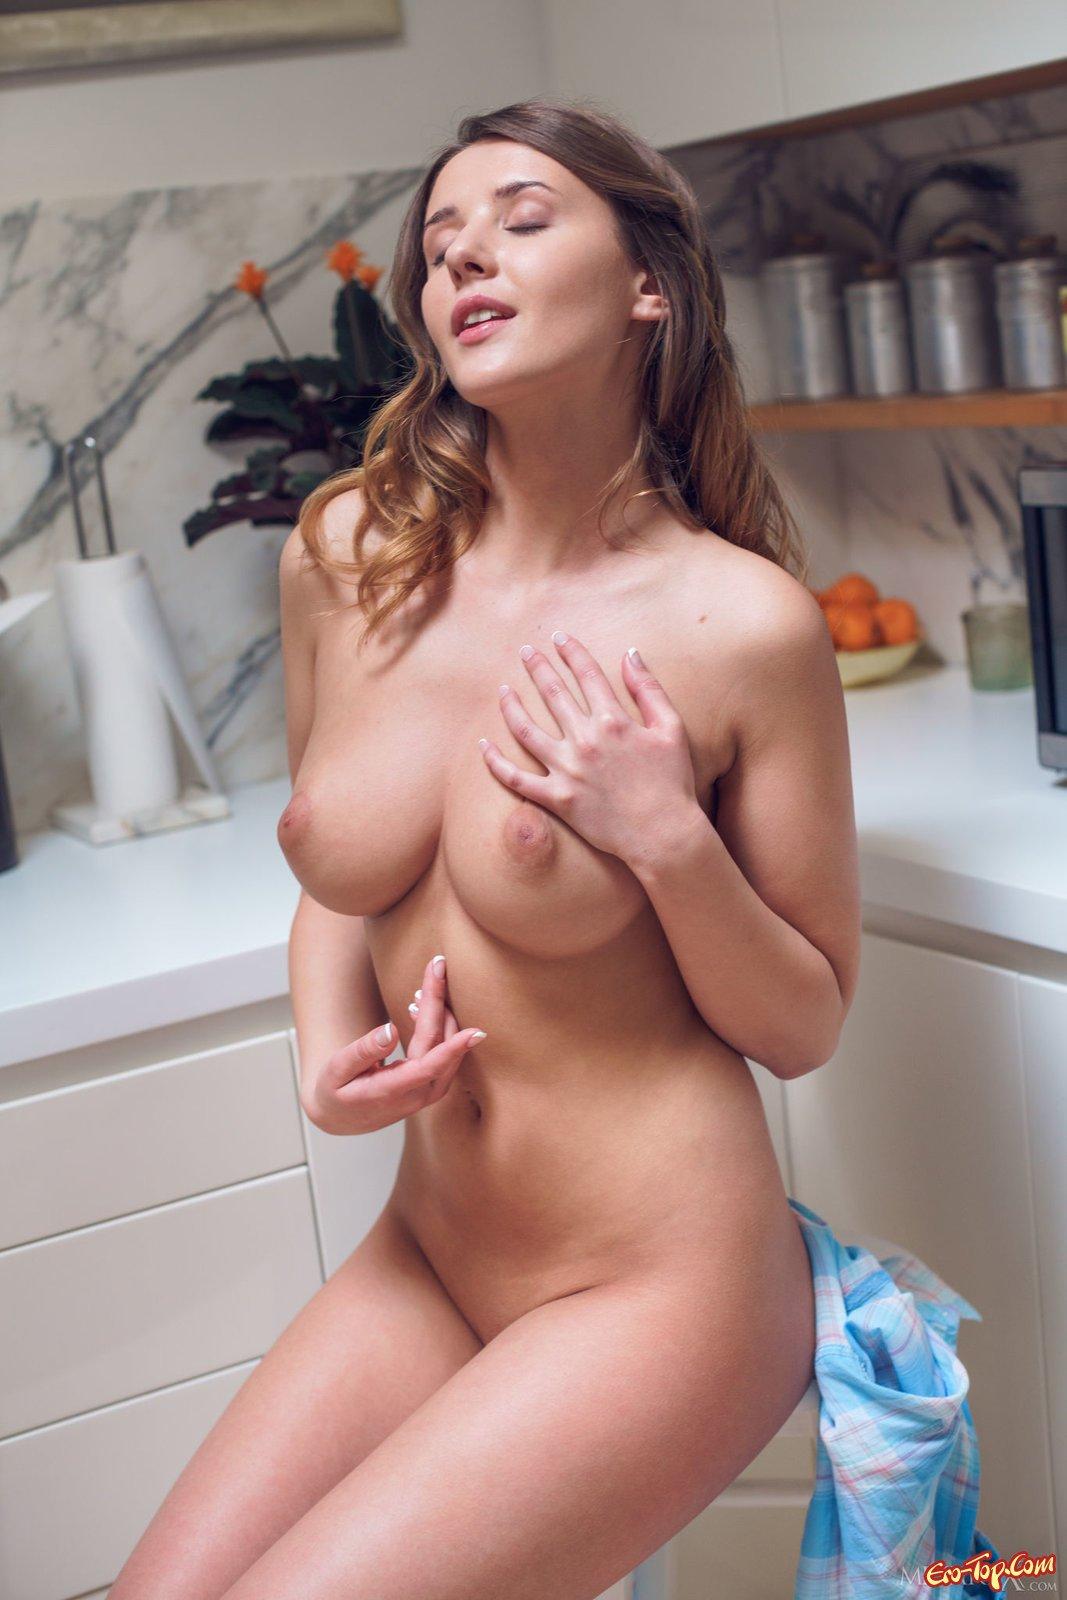 Красотка снимает нижнее белье и ласкает пилотку на кухне